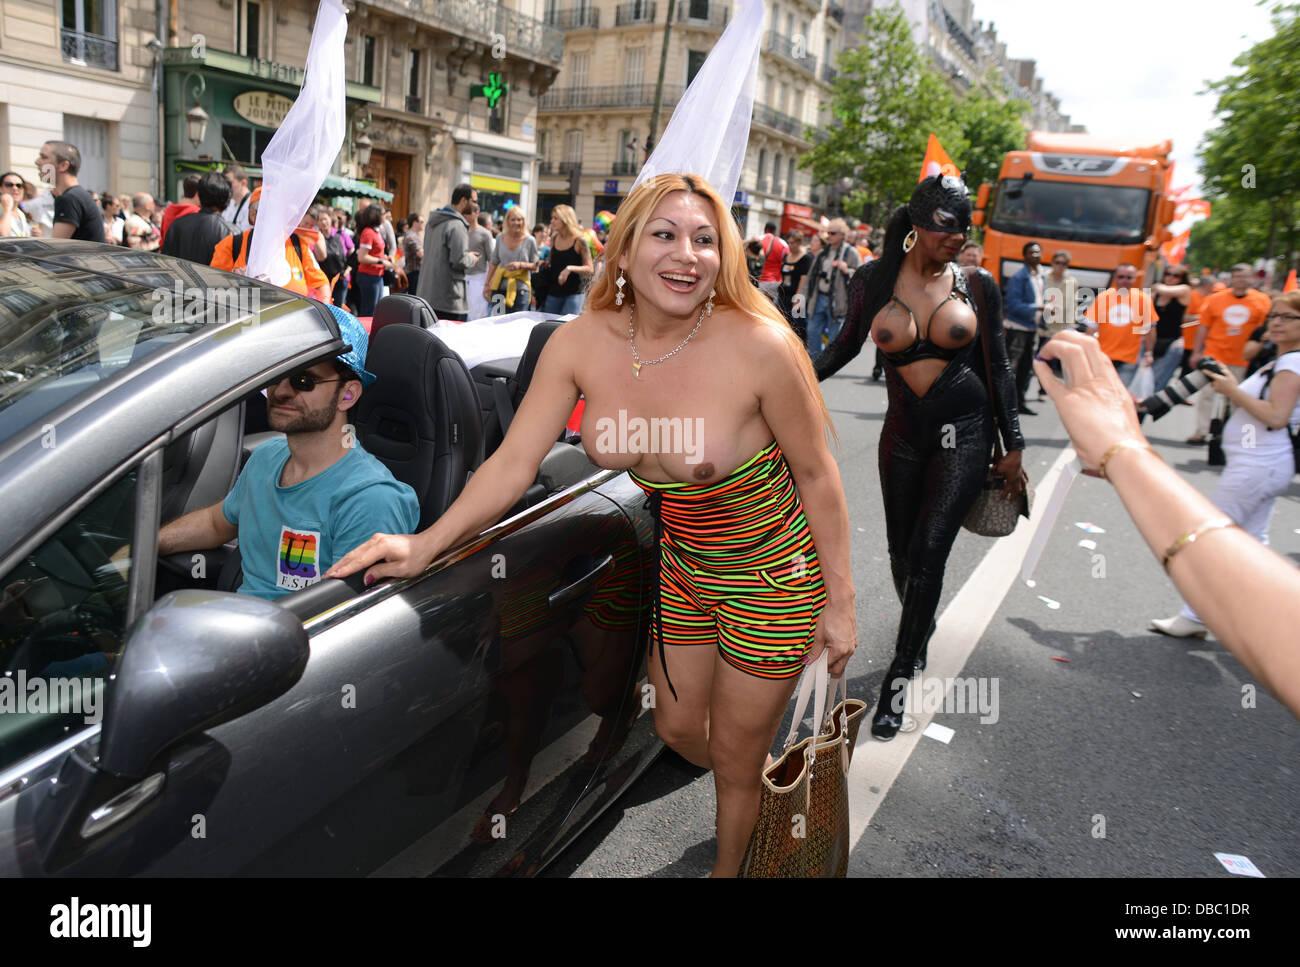 Gay parade in toronto